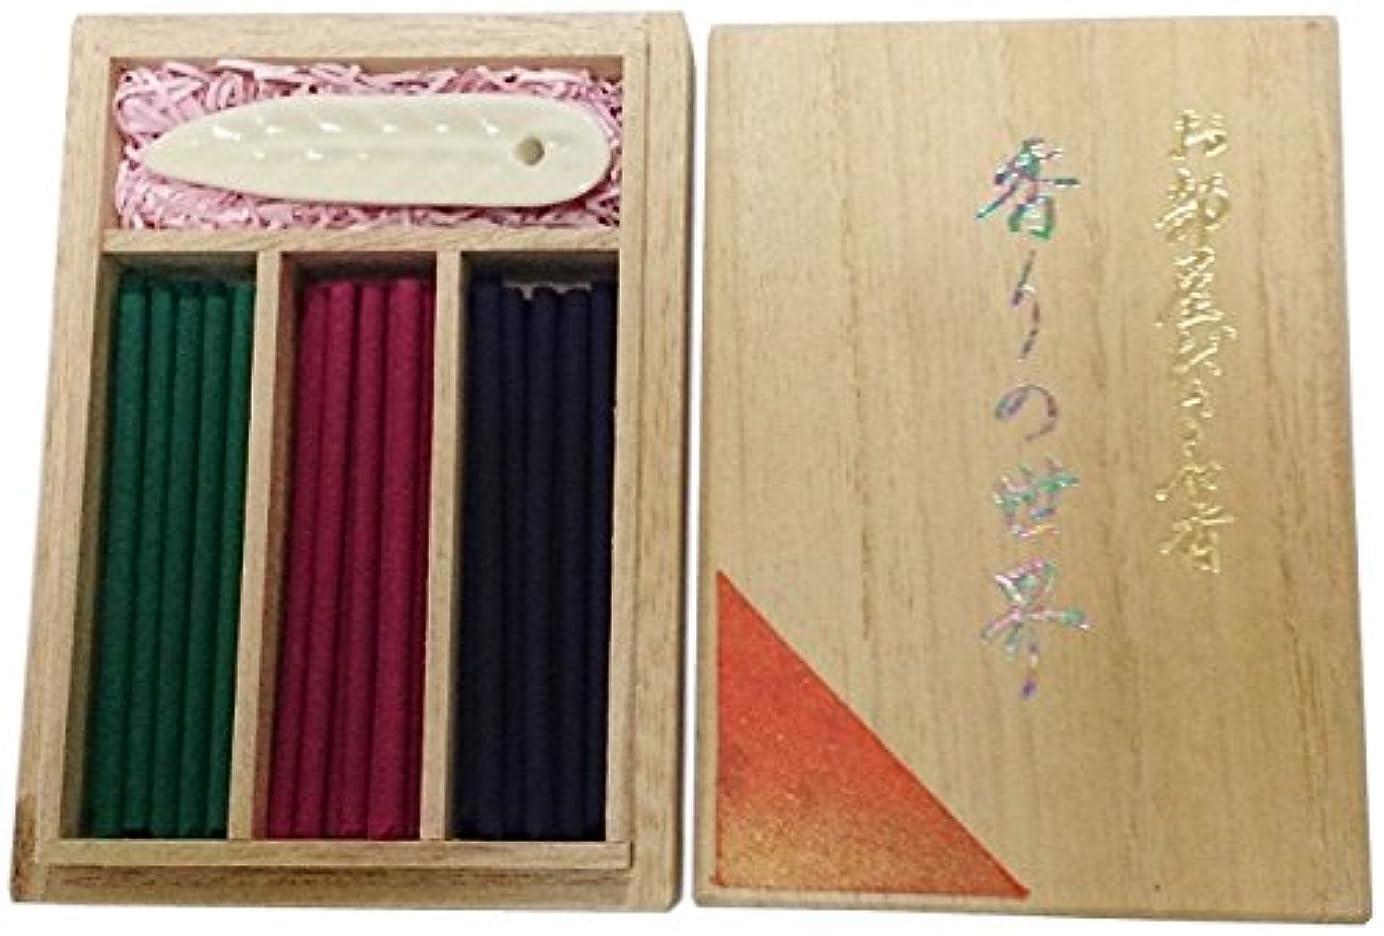 出席債務タイル淡路梅薫堂のお香 スティック 贈り物 ギフト 香りの世界 桐箱 #651